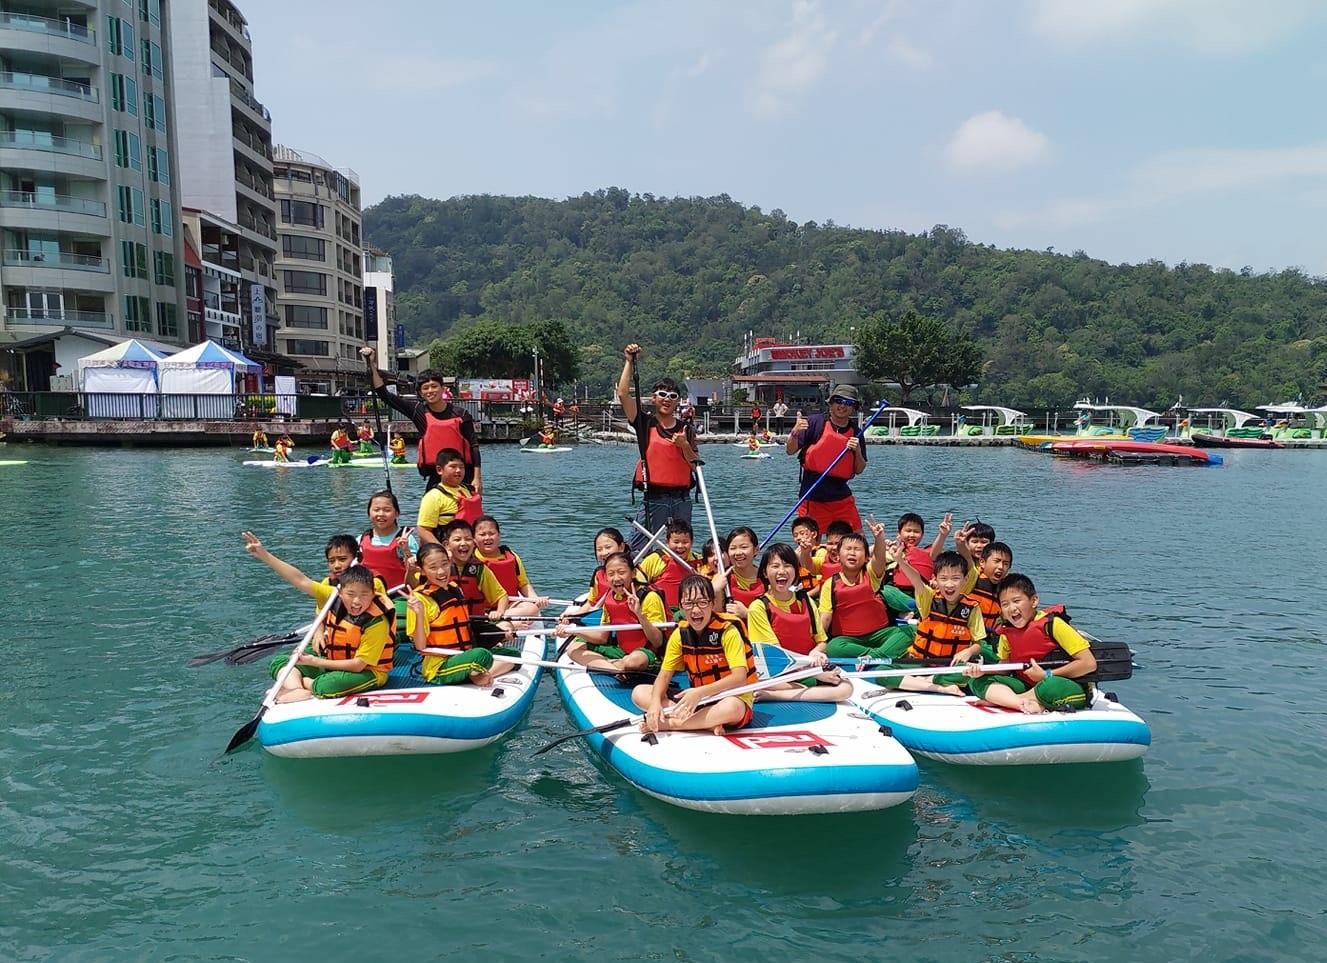 水上活動校外教學